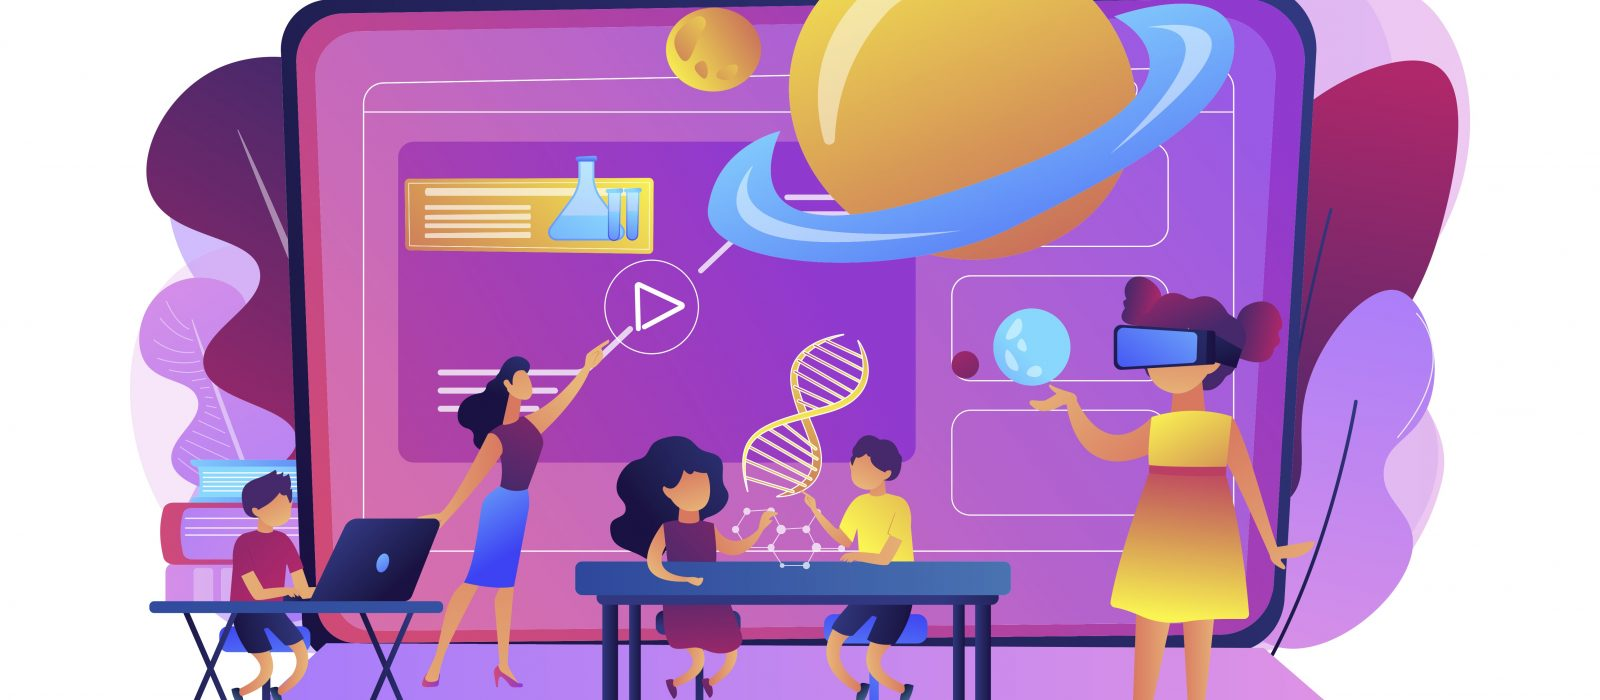 ¿Cómo aplicar Inteligencia Artificial en educación?